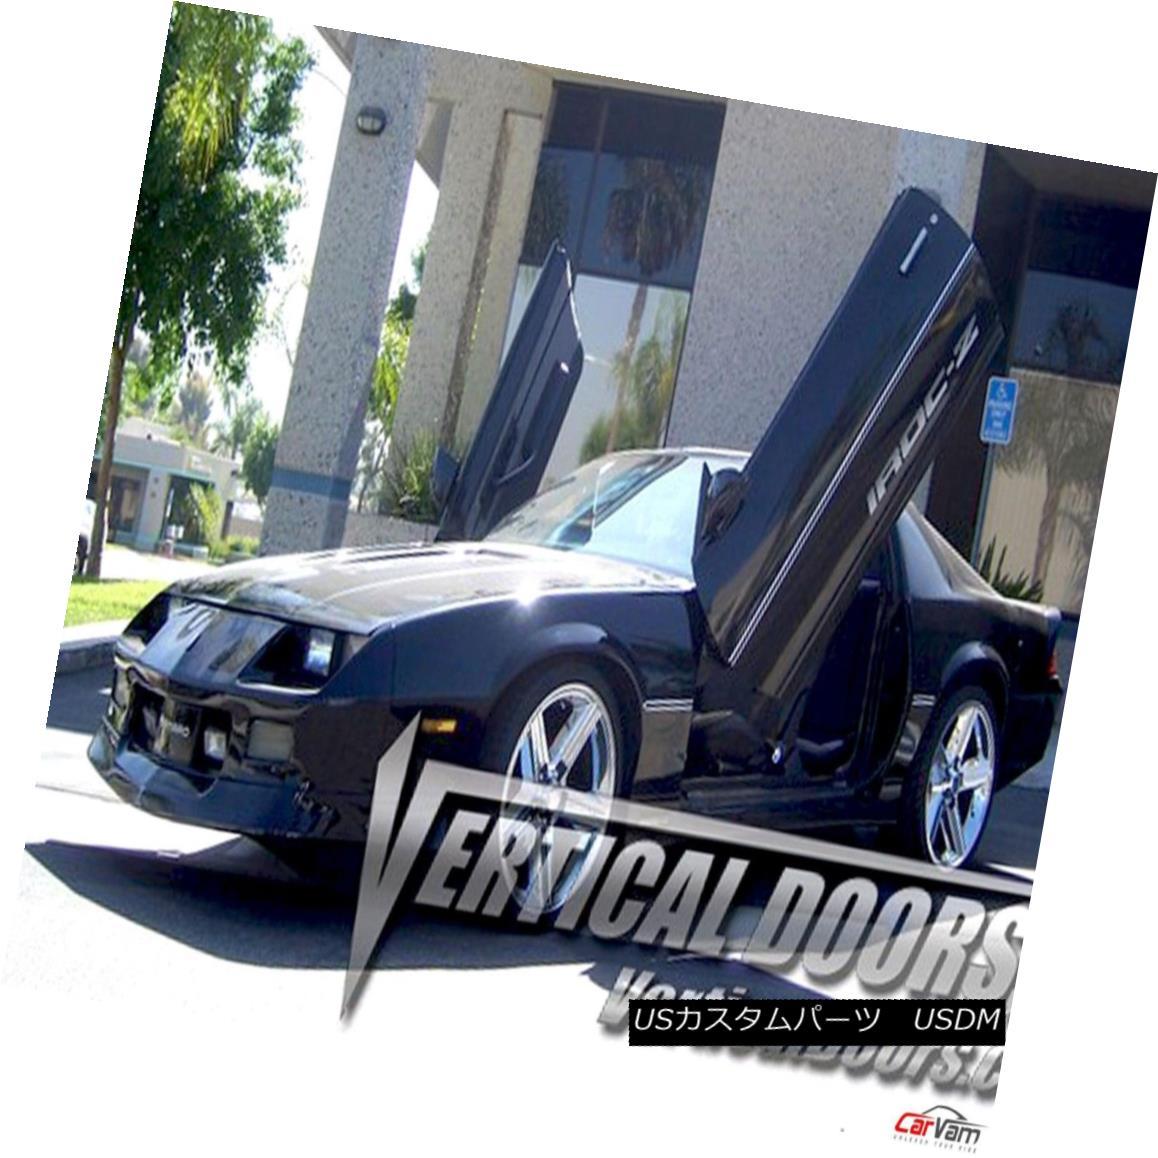 ガルウィングキット Vertical Doors - Vertical Lambo Door Kit For Chevrolet Camaro 1982-92 垂直ドア - シボレーカマロのための垂直のランボルギーニドアキット1982-92